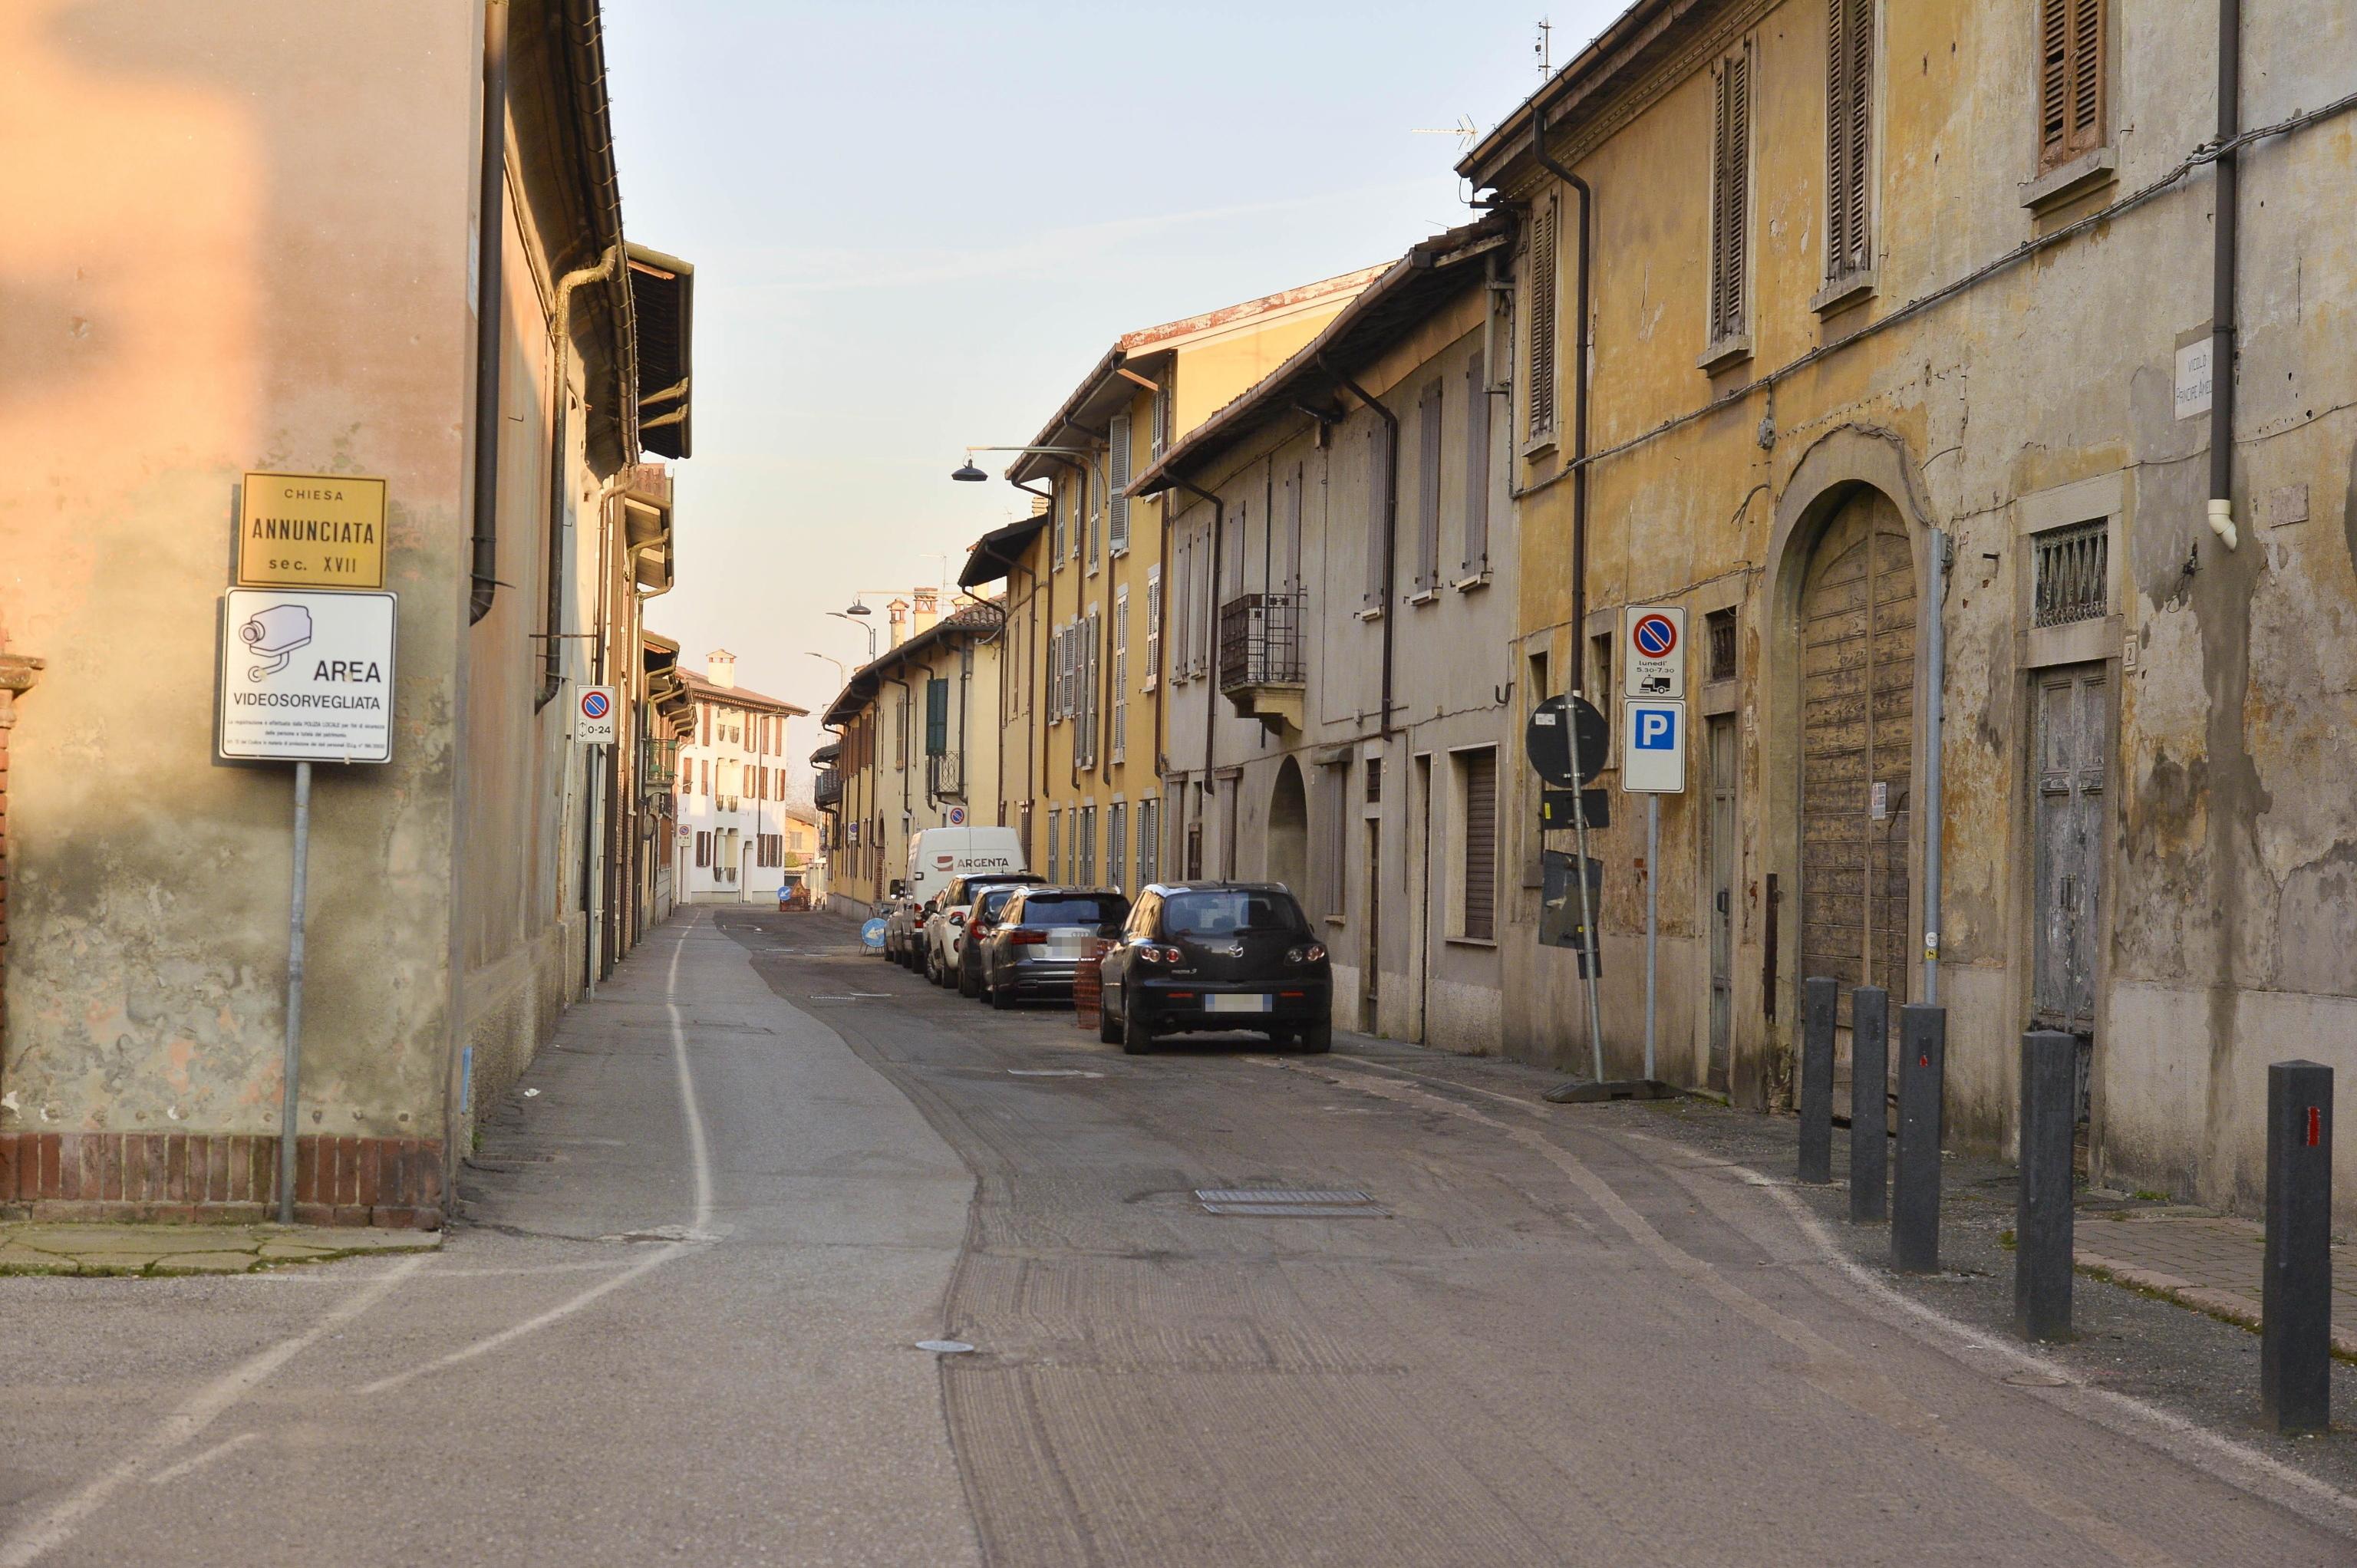 Itália confirma 16 infetados pelo Covid-19 e fecha espaços públicos em 10 cidades